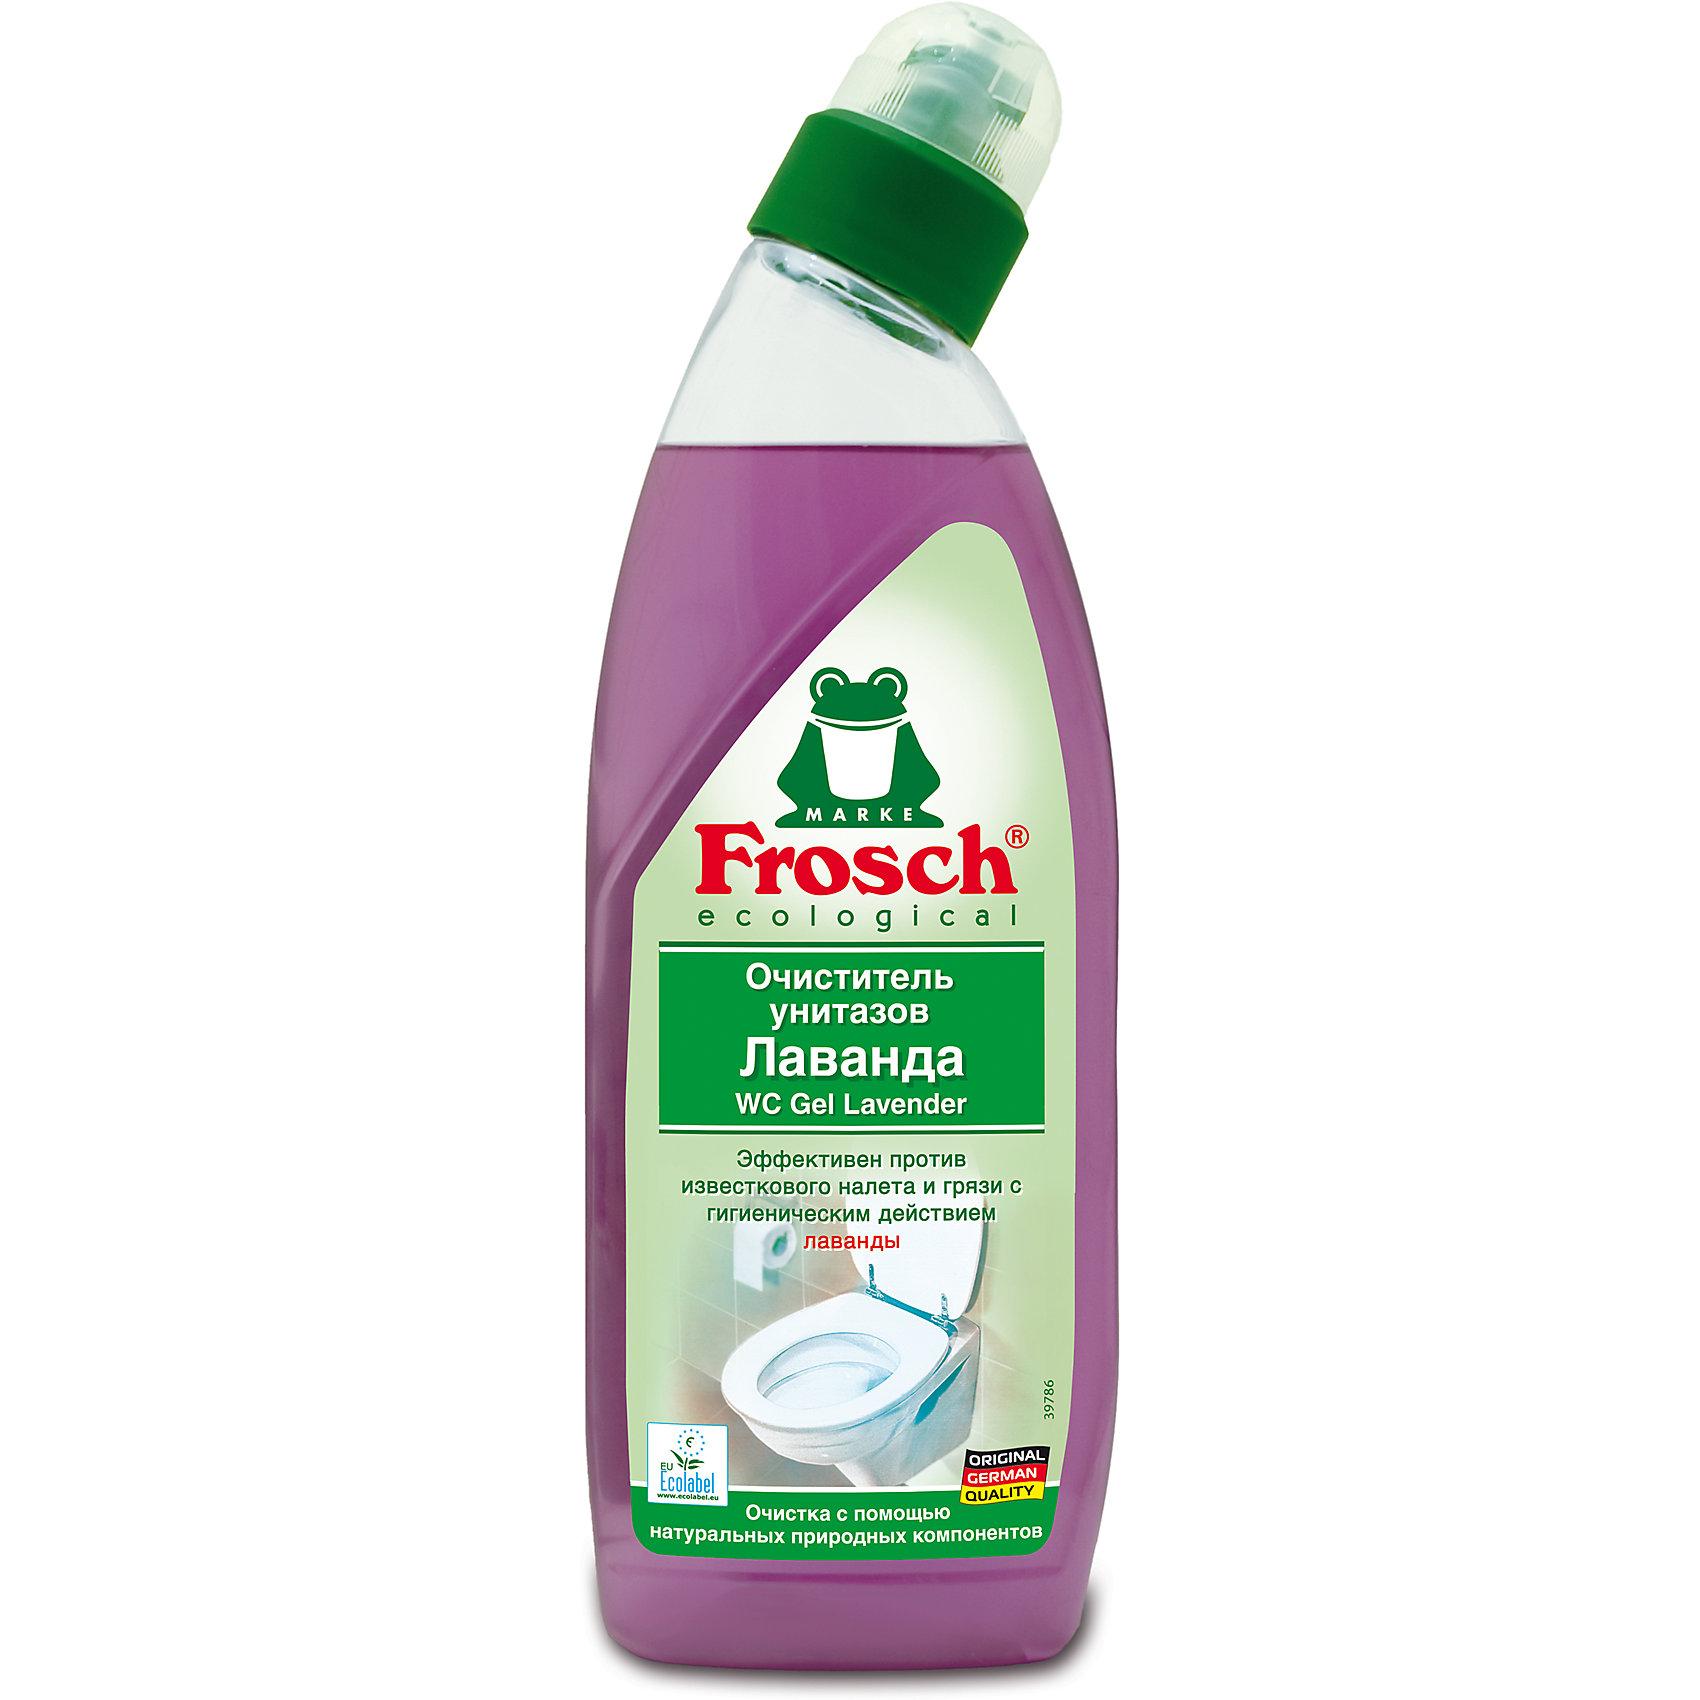 Очиститель унитазов Лаванда, 0,75 л., FroschХарактеристики товара:<br><br>• объем: 750 мл<br>• упаковка: пластик<br>• страна бренда: Германия<br>• страна изготовитель: Германия<br><br>Чистота сантехнических приборов должна поддерживаться постоянно. На помощь хозяйкам приходят многочисленные средства. Но все ли они так эффективны и безопасны, как продукция от компании Frosch? <br><br>Средства данного бренда не только идеально справляются со своими прямыми обязанностями, но и придают приятный аромат, например, лаванда. Материалы, использованные при изготовлении товара, сертифицированы и отвечают всем международным требованиям по качеству. <br><br>Очиститель унитазов Лаванда, 0,75 л, от немецкого производителя Frosch (Фрош) можно приобрести в нашем интернет-магазине.<br><br>Ширина мм: 87<br>Глубина мм: 53<br>Высота мм: 265<br>Вес г: 840<br>Возраст от месяцев: 216<br>Возраст до месяцев: 1188<br>Пол: Унисекс<br>Возраст: Детский<br>SKU: 5185739